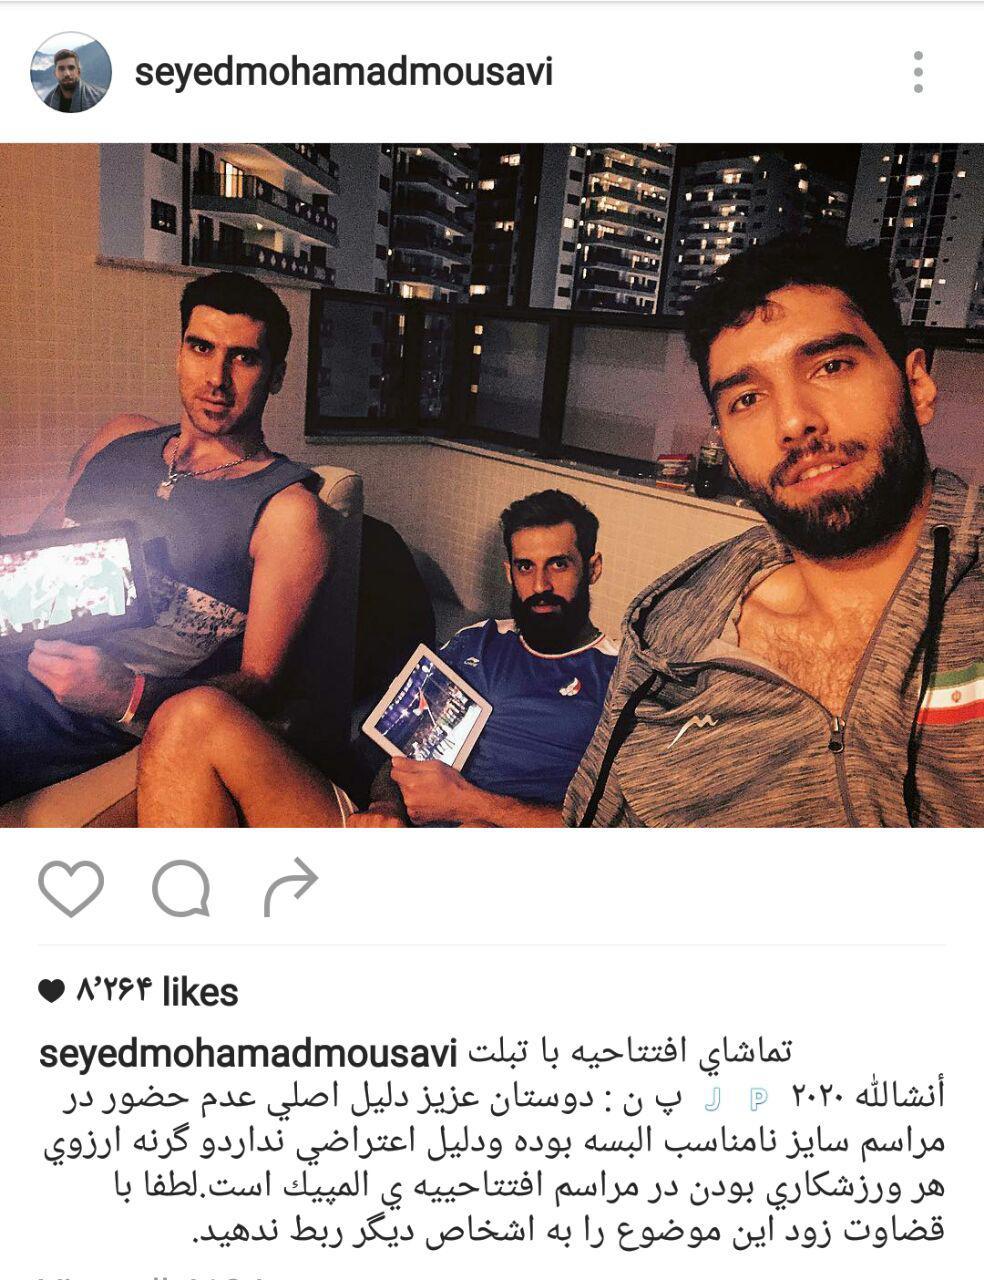 3 ستاره والیبال ایران در مراسم رژه شرکت نکردند